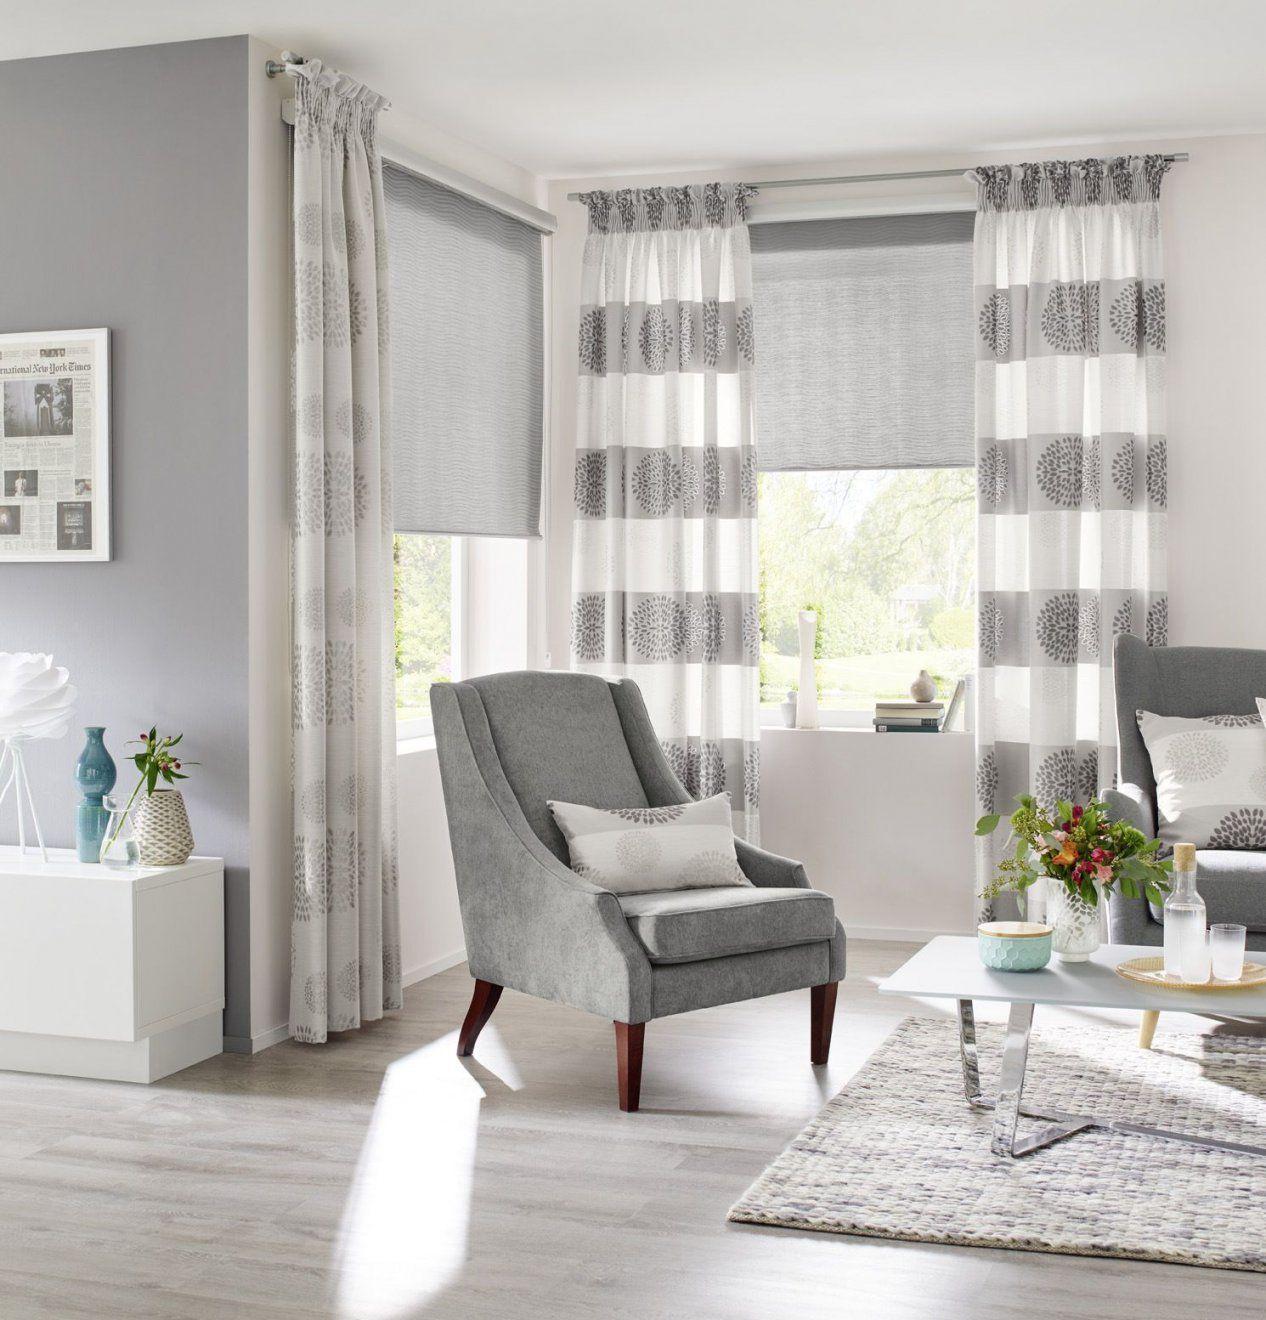 Fenster Globe Gardinen Dekostoffe Vorhang Wohnstoffeplissees von Plissee Und Gardinen Kombinieren Bild